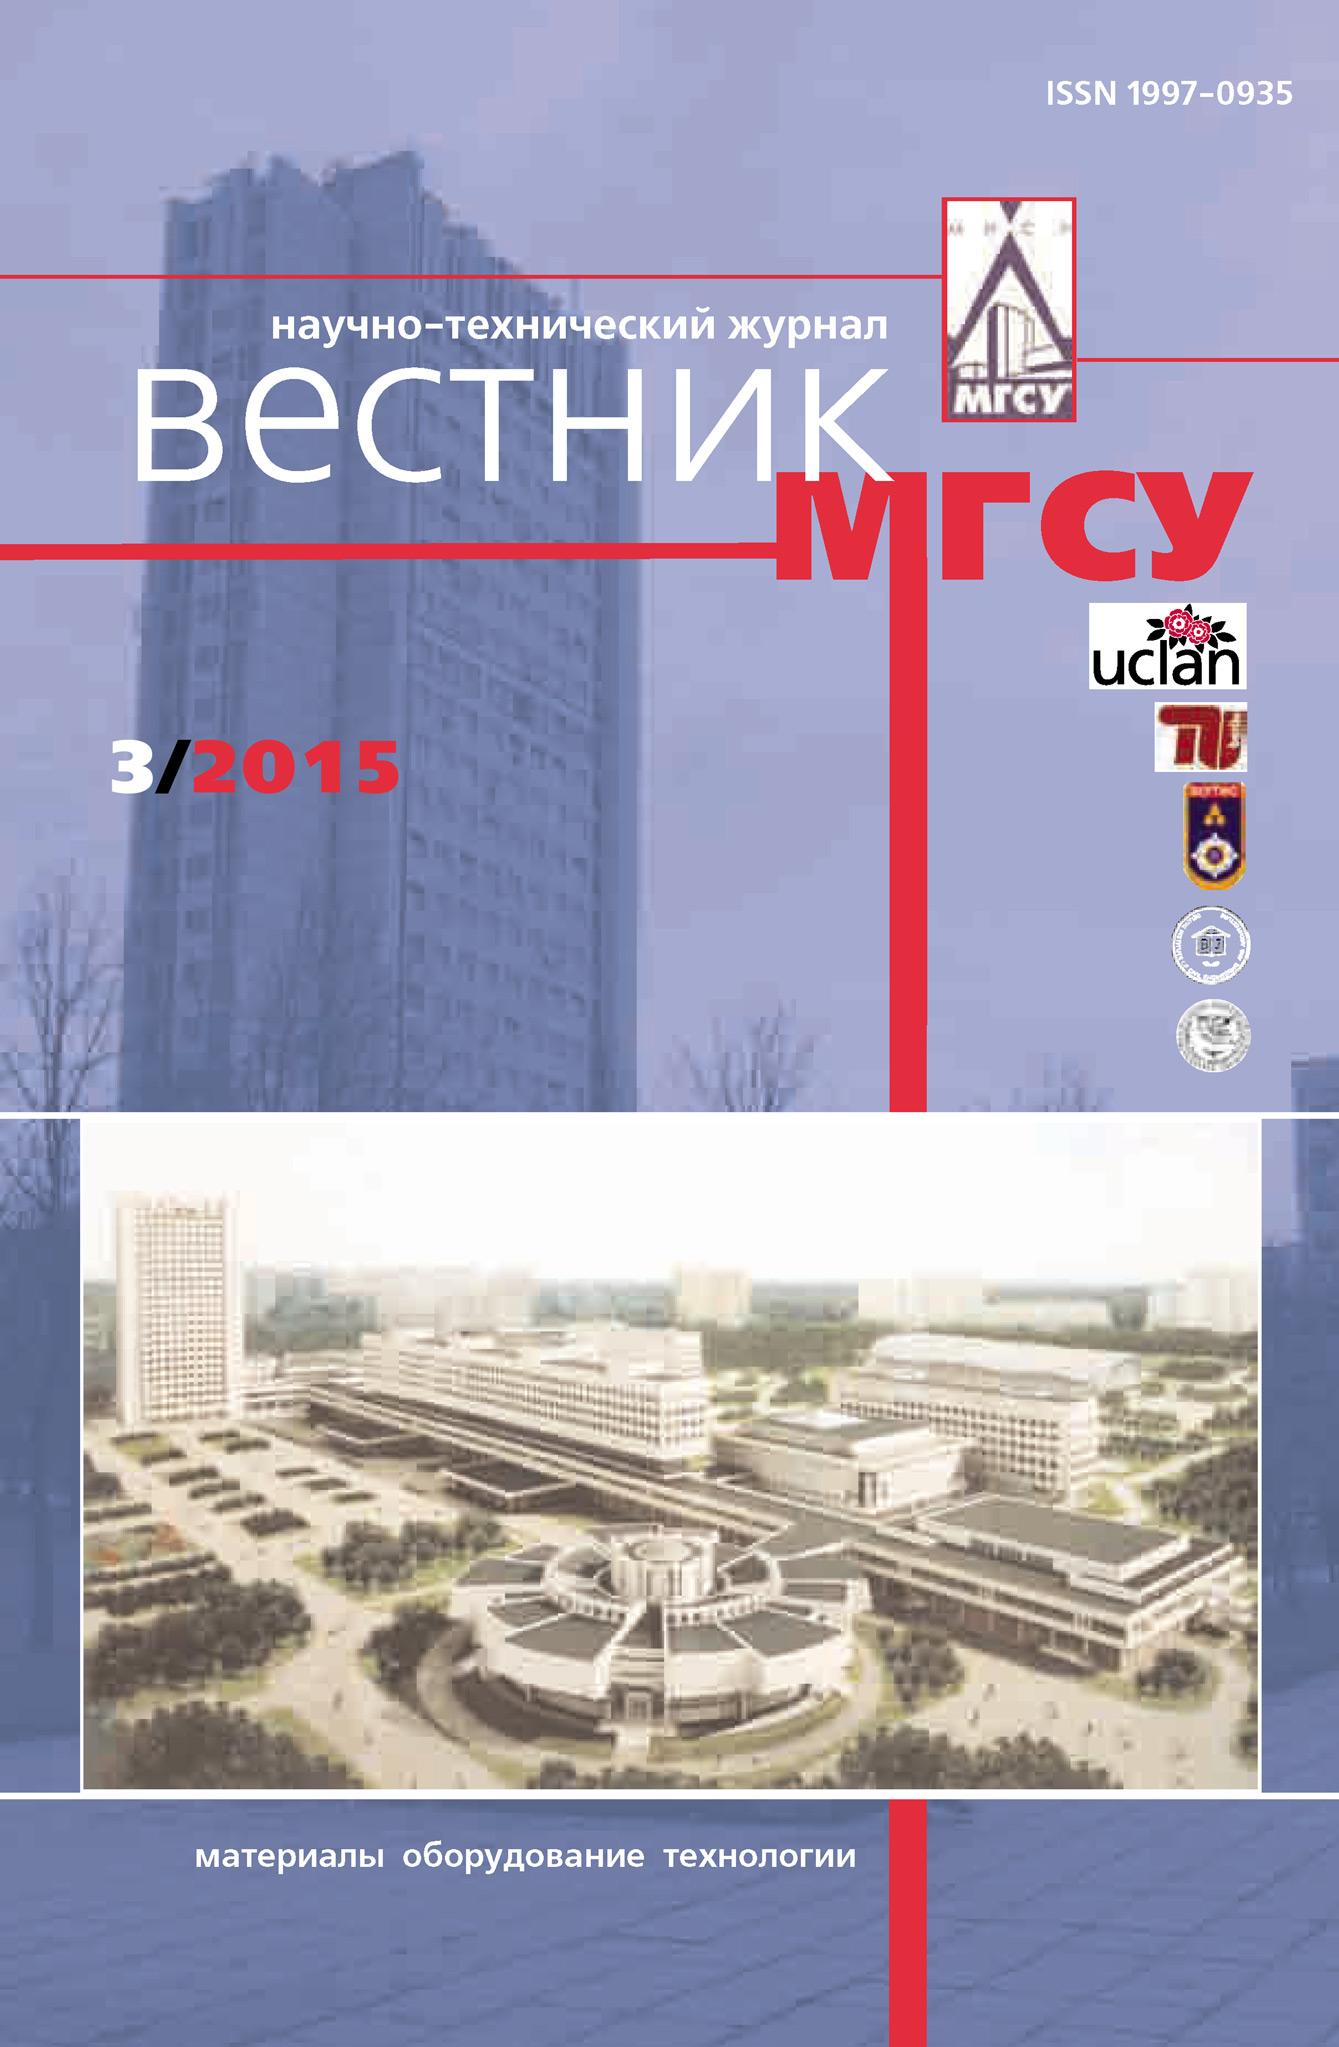 Вестник МГСУ №3 2015